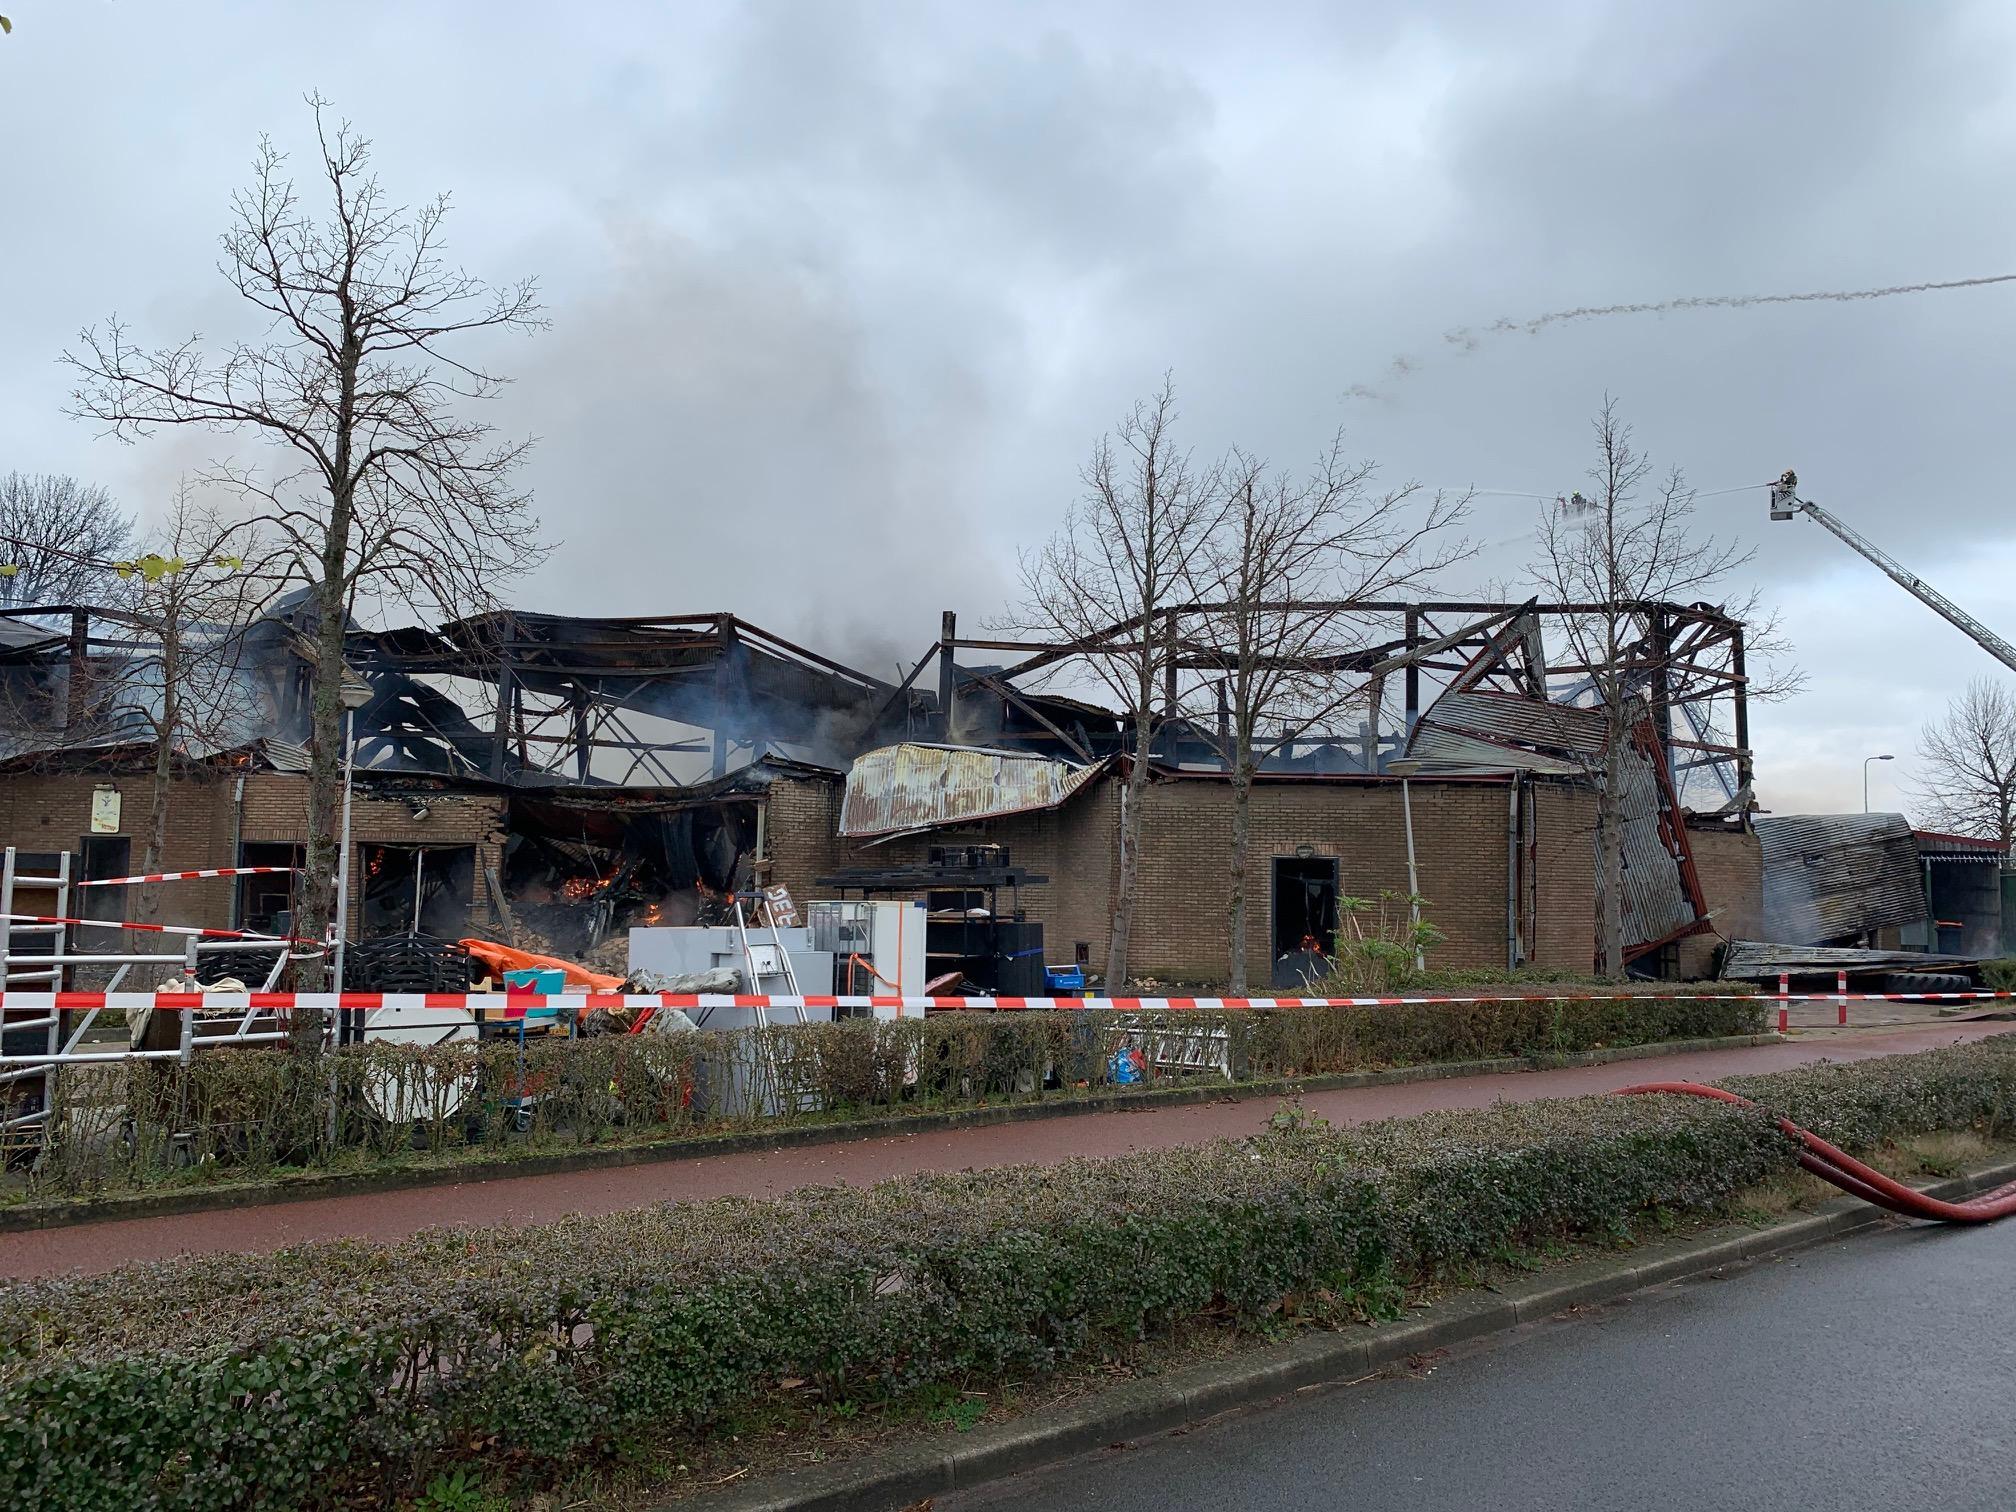 Burgemeester Wendy Verkleij: 'Het kloppend hart van Noordwijkerhout is zomaar op een zaterdagmorgen verloren gegaan'